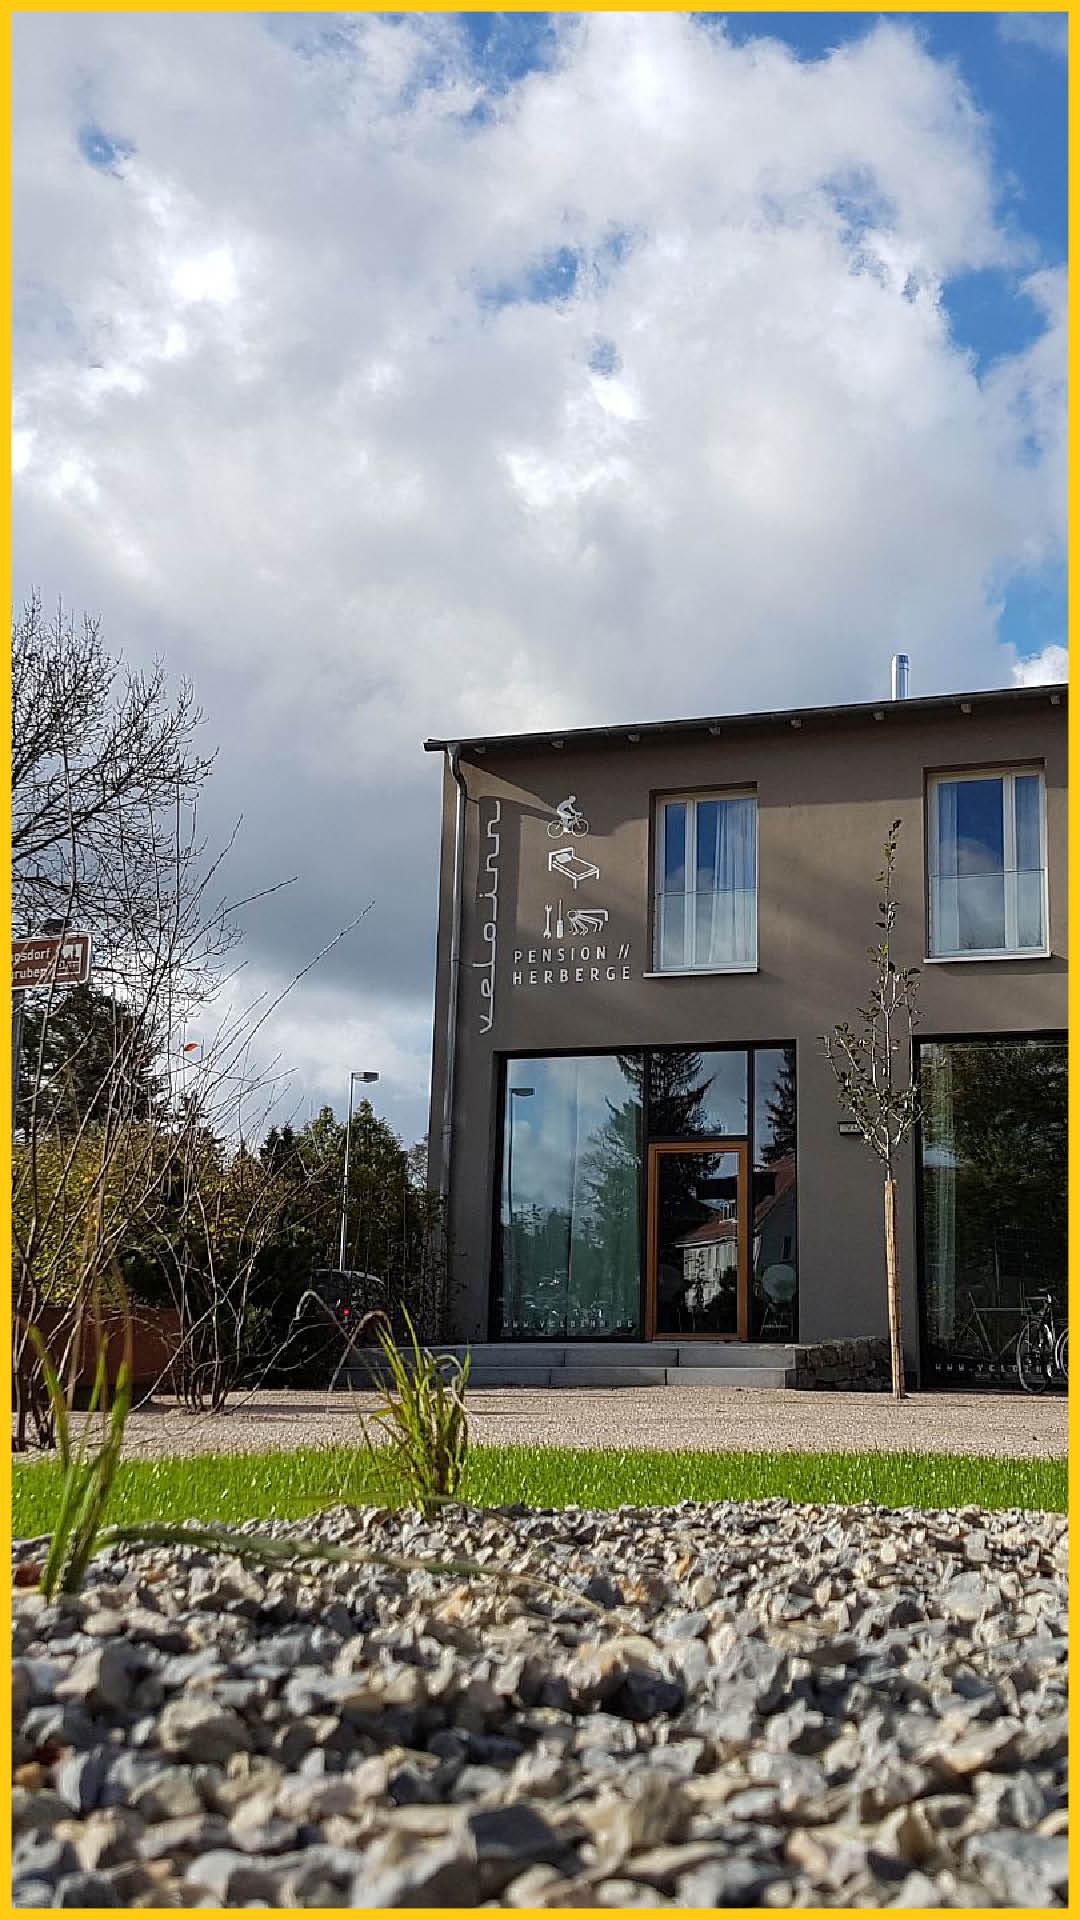 velo inn Pension und Herberge Haus von Außen mit Grünanlage ideal als Übernachtungsmöglichkeit auf dem Ilmtalradweg durchgeführt vom Werra Bikes